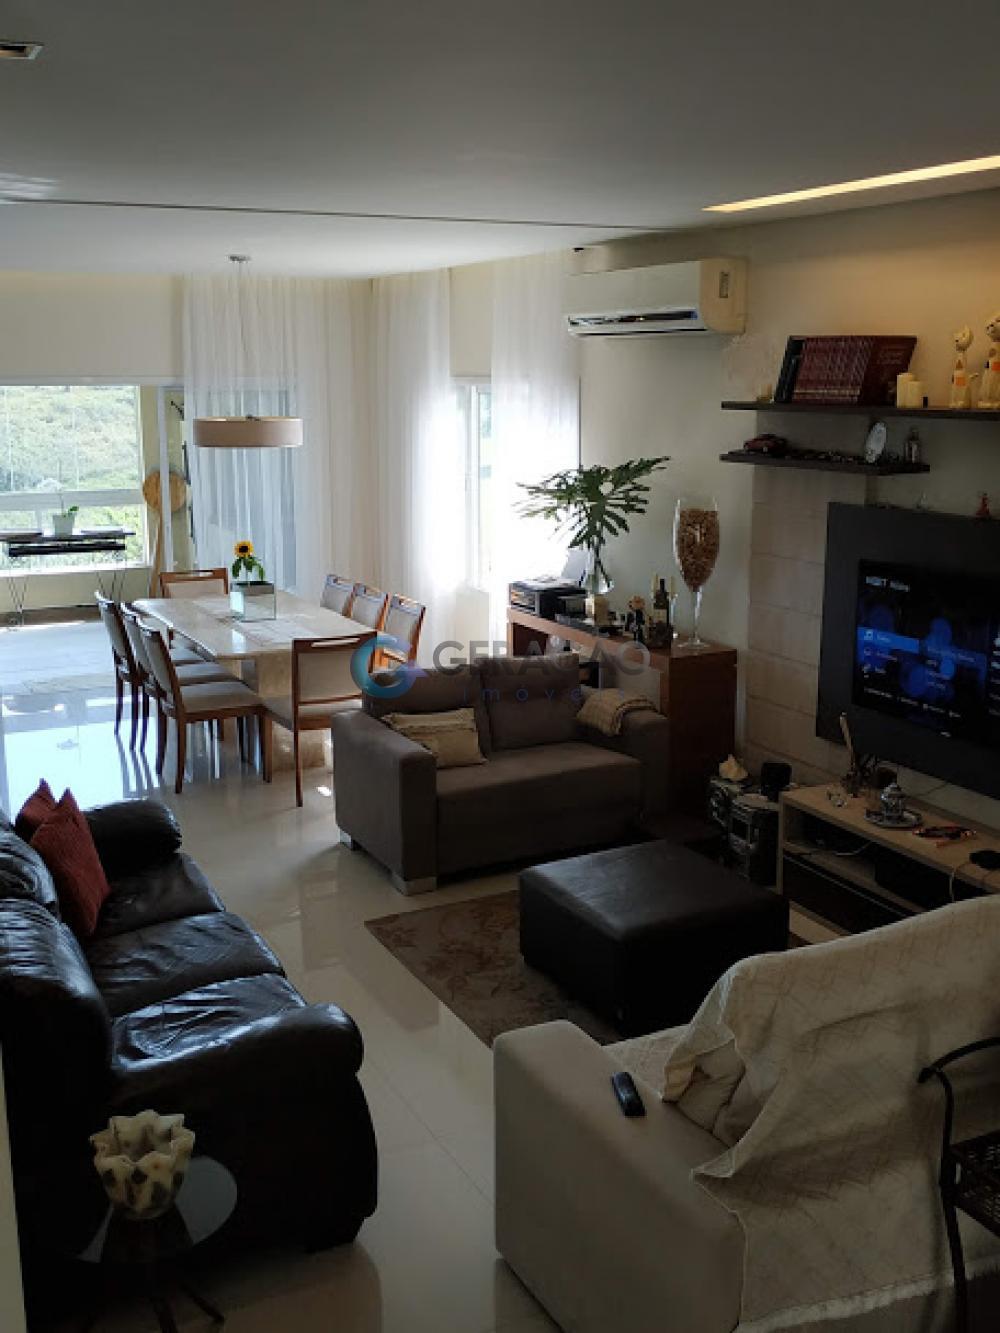 Comprar Casa / Condomínio em São José dos Campos R$ 1.150.000,00 - Foto 8